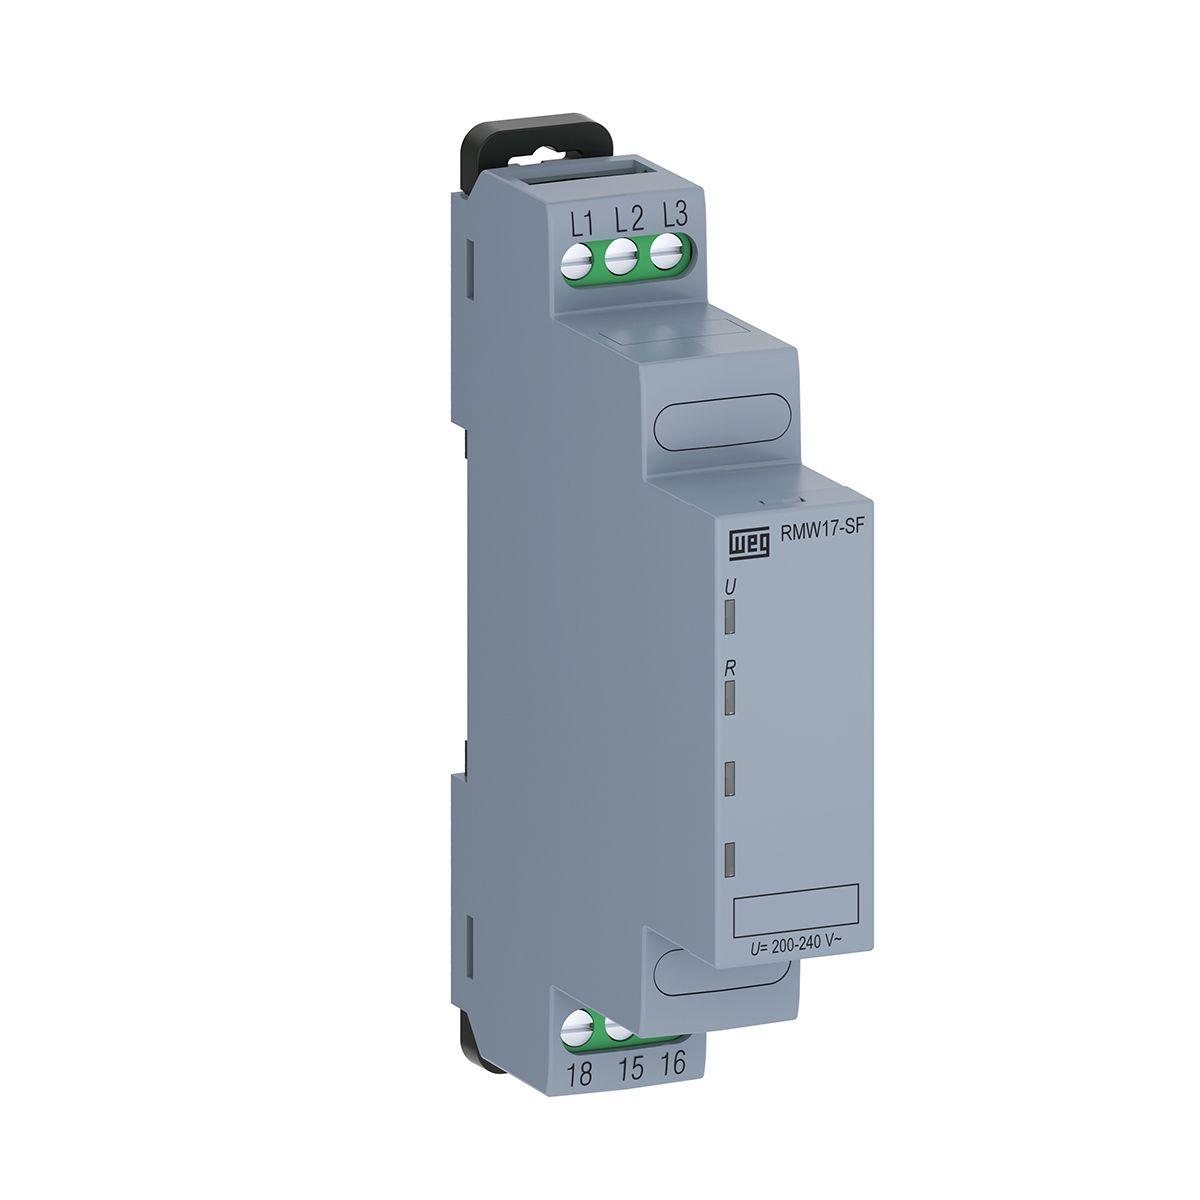 Relé de Proteção Sequência de Fase 220V RMW17-SF WEG